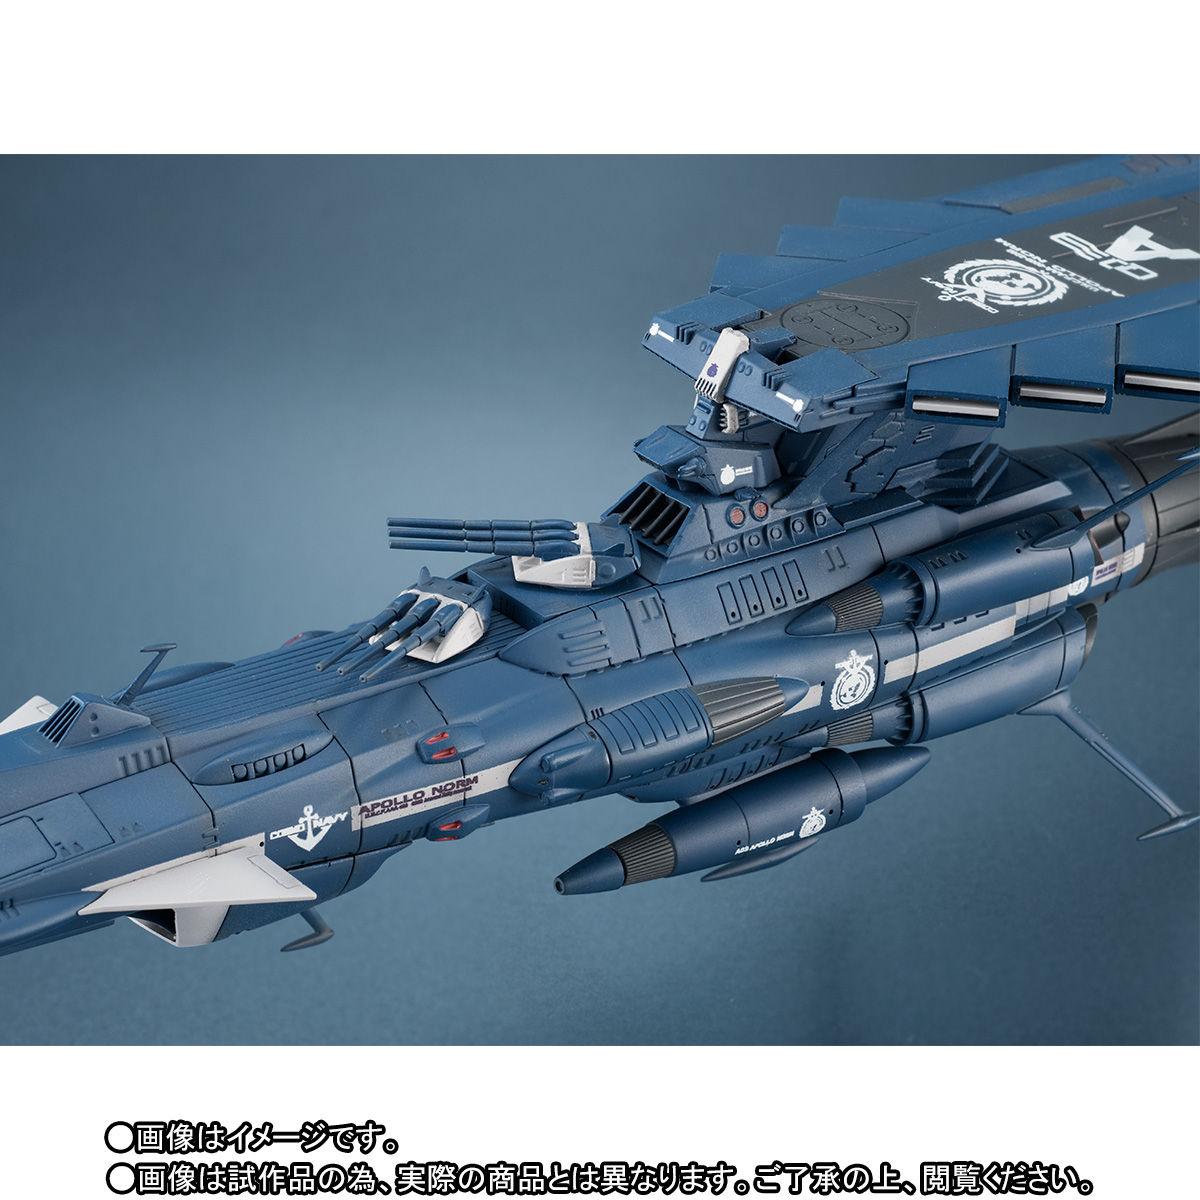 輝艦大全『地球連邦アンドロメダ級三番艦 アポロノーム 宇宙戦艦ヤマト2202』1/2000 完成品モデル-004